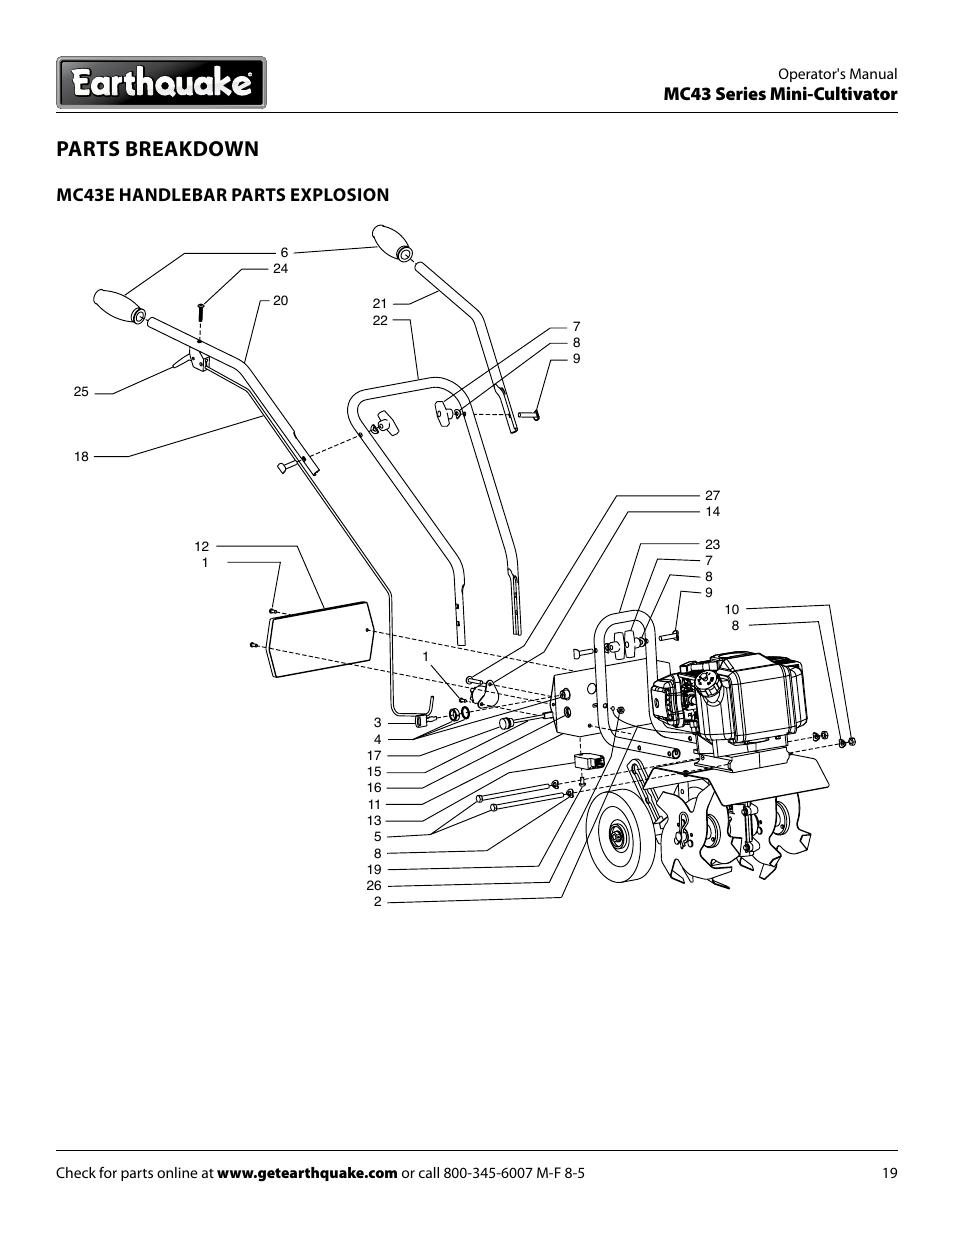 Parts breakdown, Mc43 series mini-cultivator, Mc43e